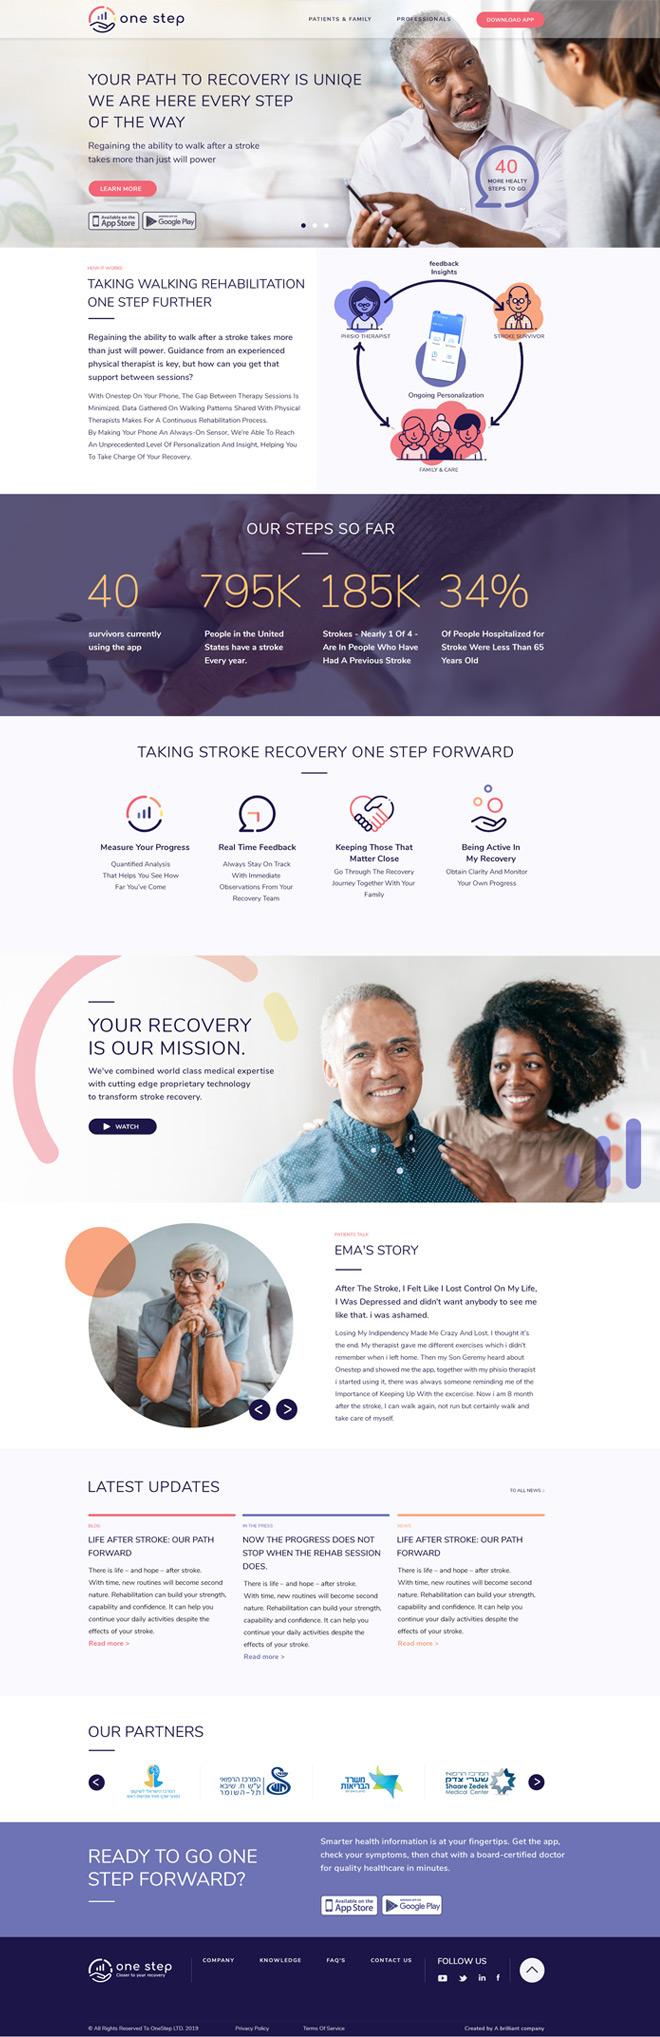 Onestep homepage